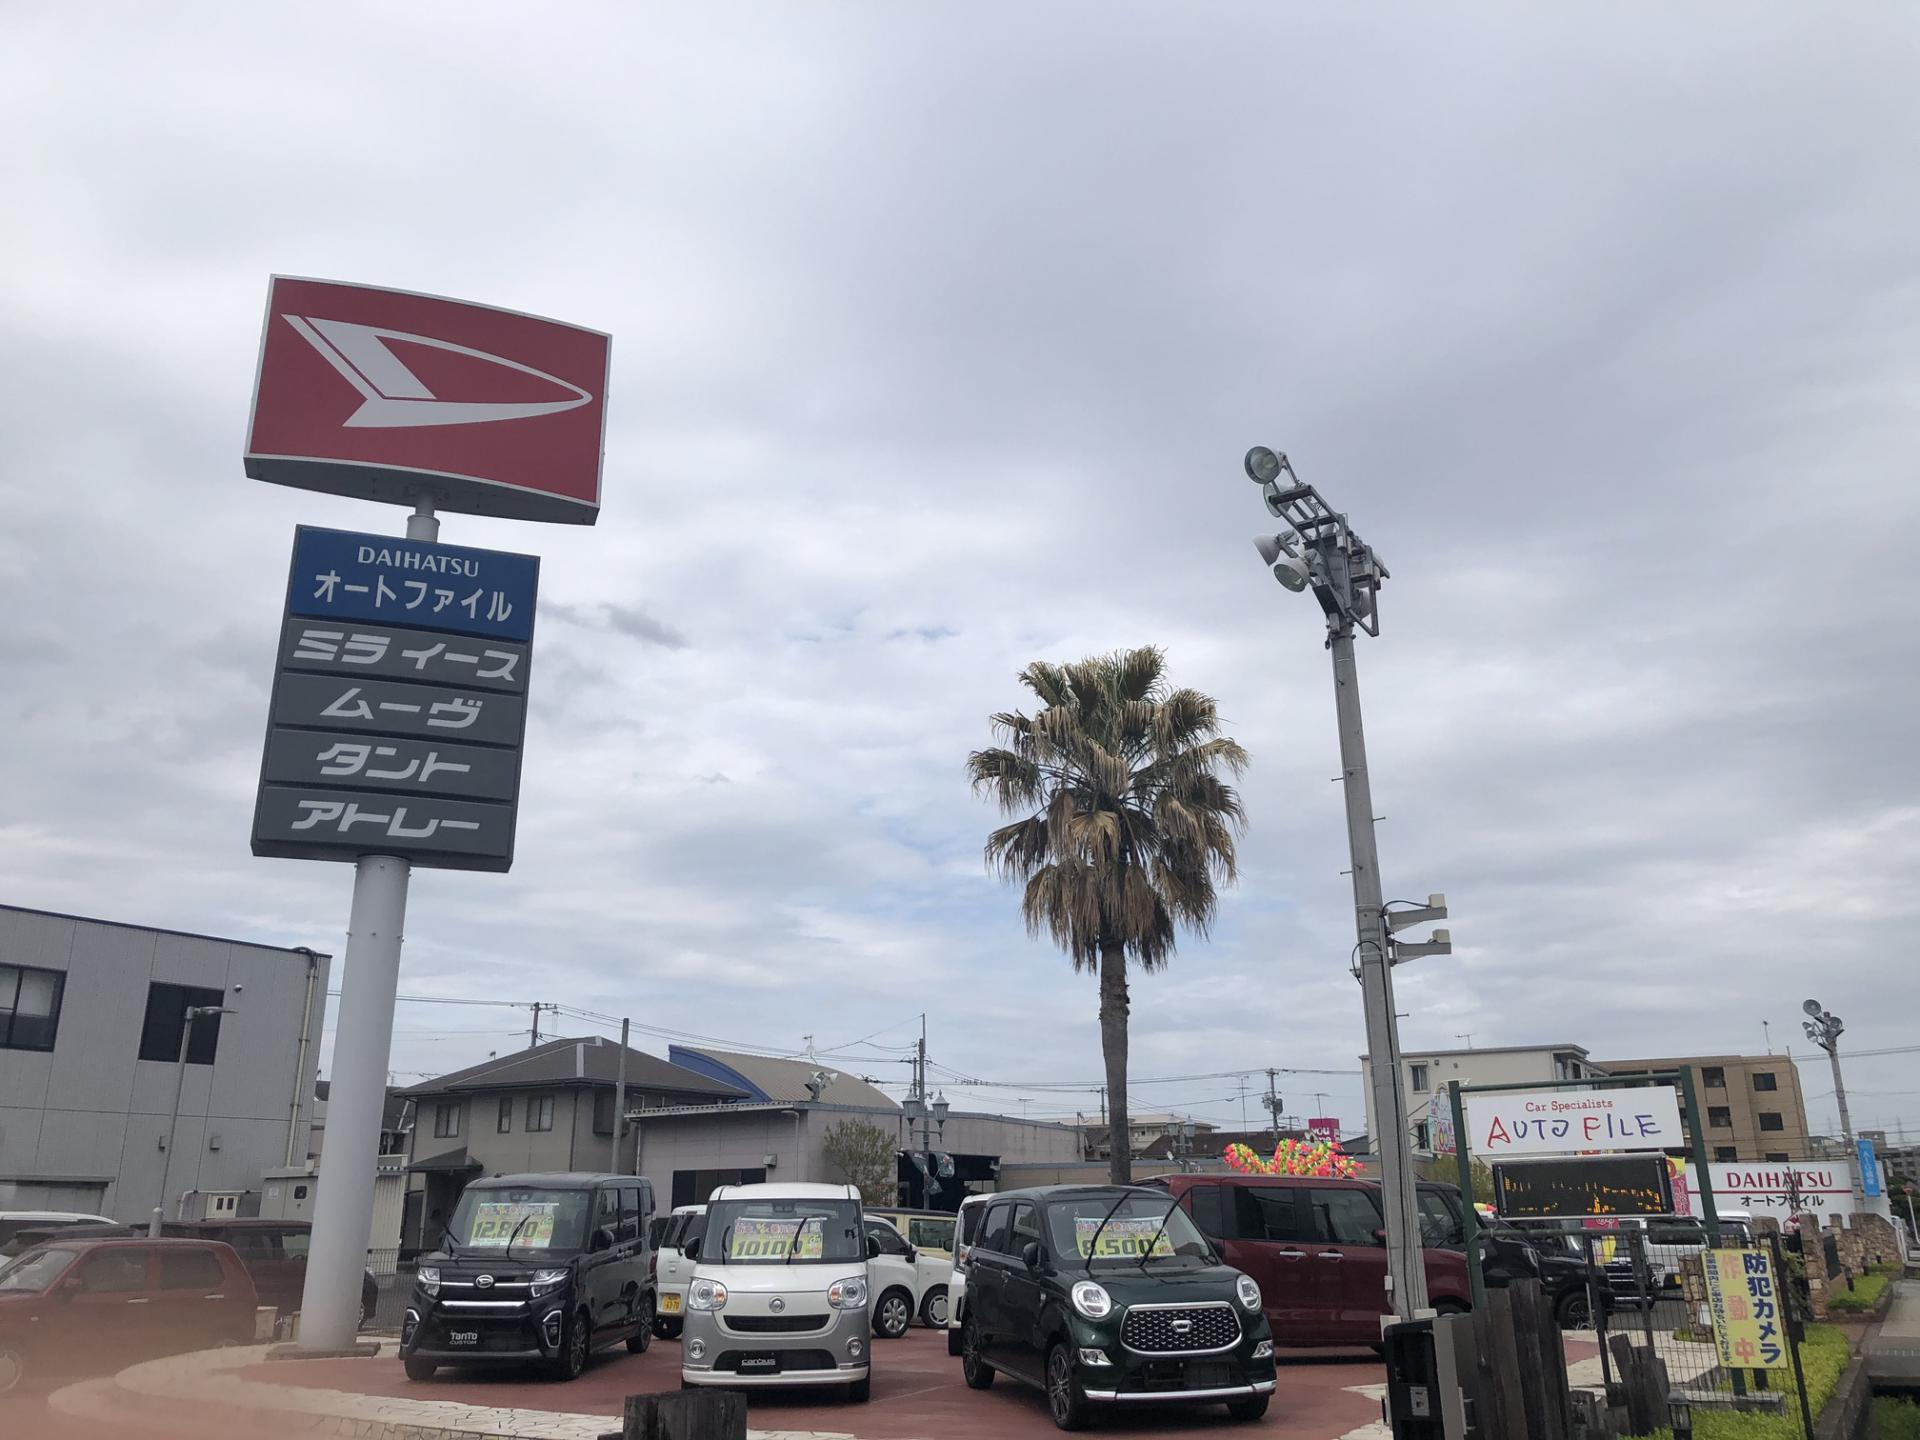 有限会社オートファイル 新車市場 福山店